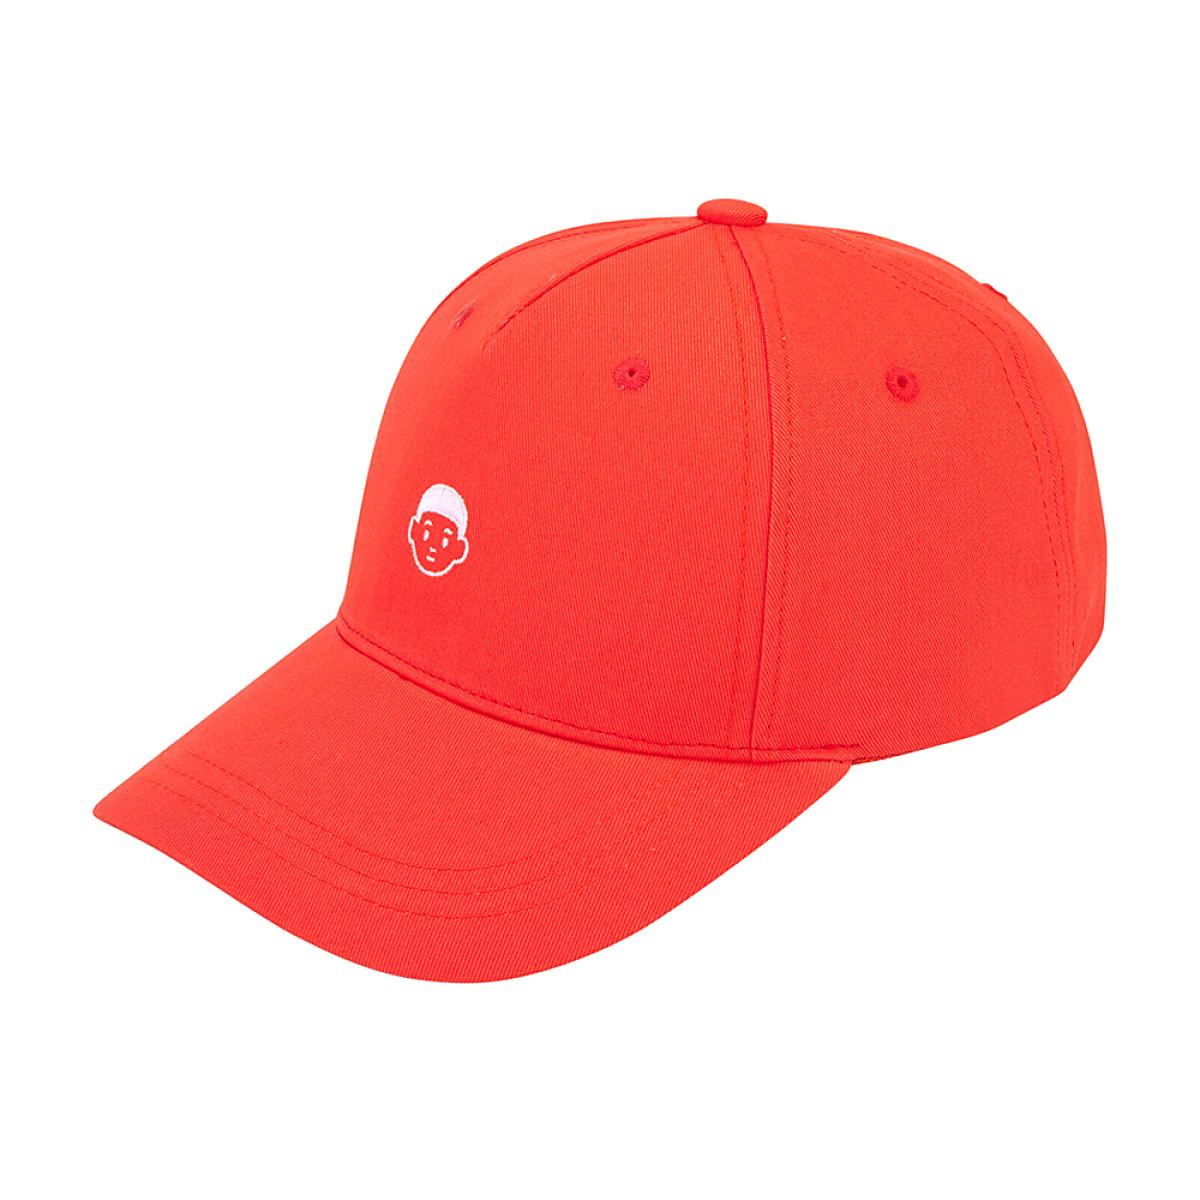 NBxNORITAKE BASIC CAP